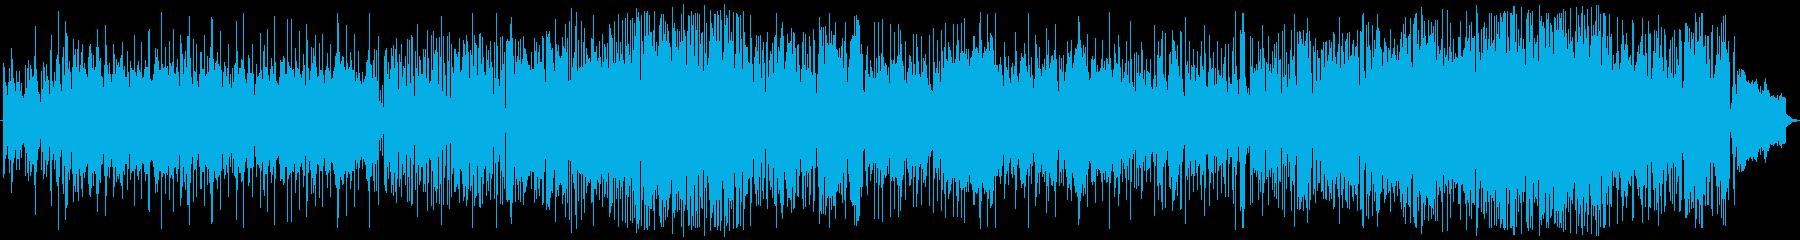 冬しらず一年中咲くカレンデュラの曲ですの再生済みの波形